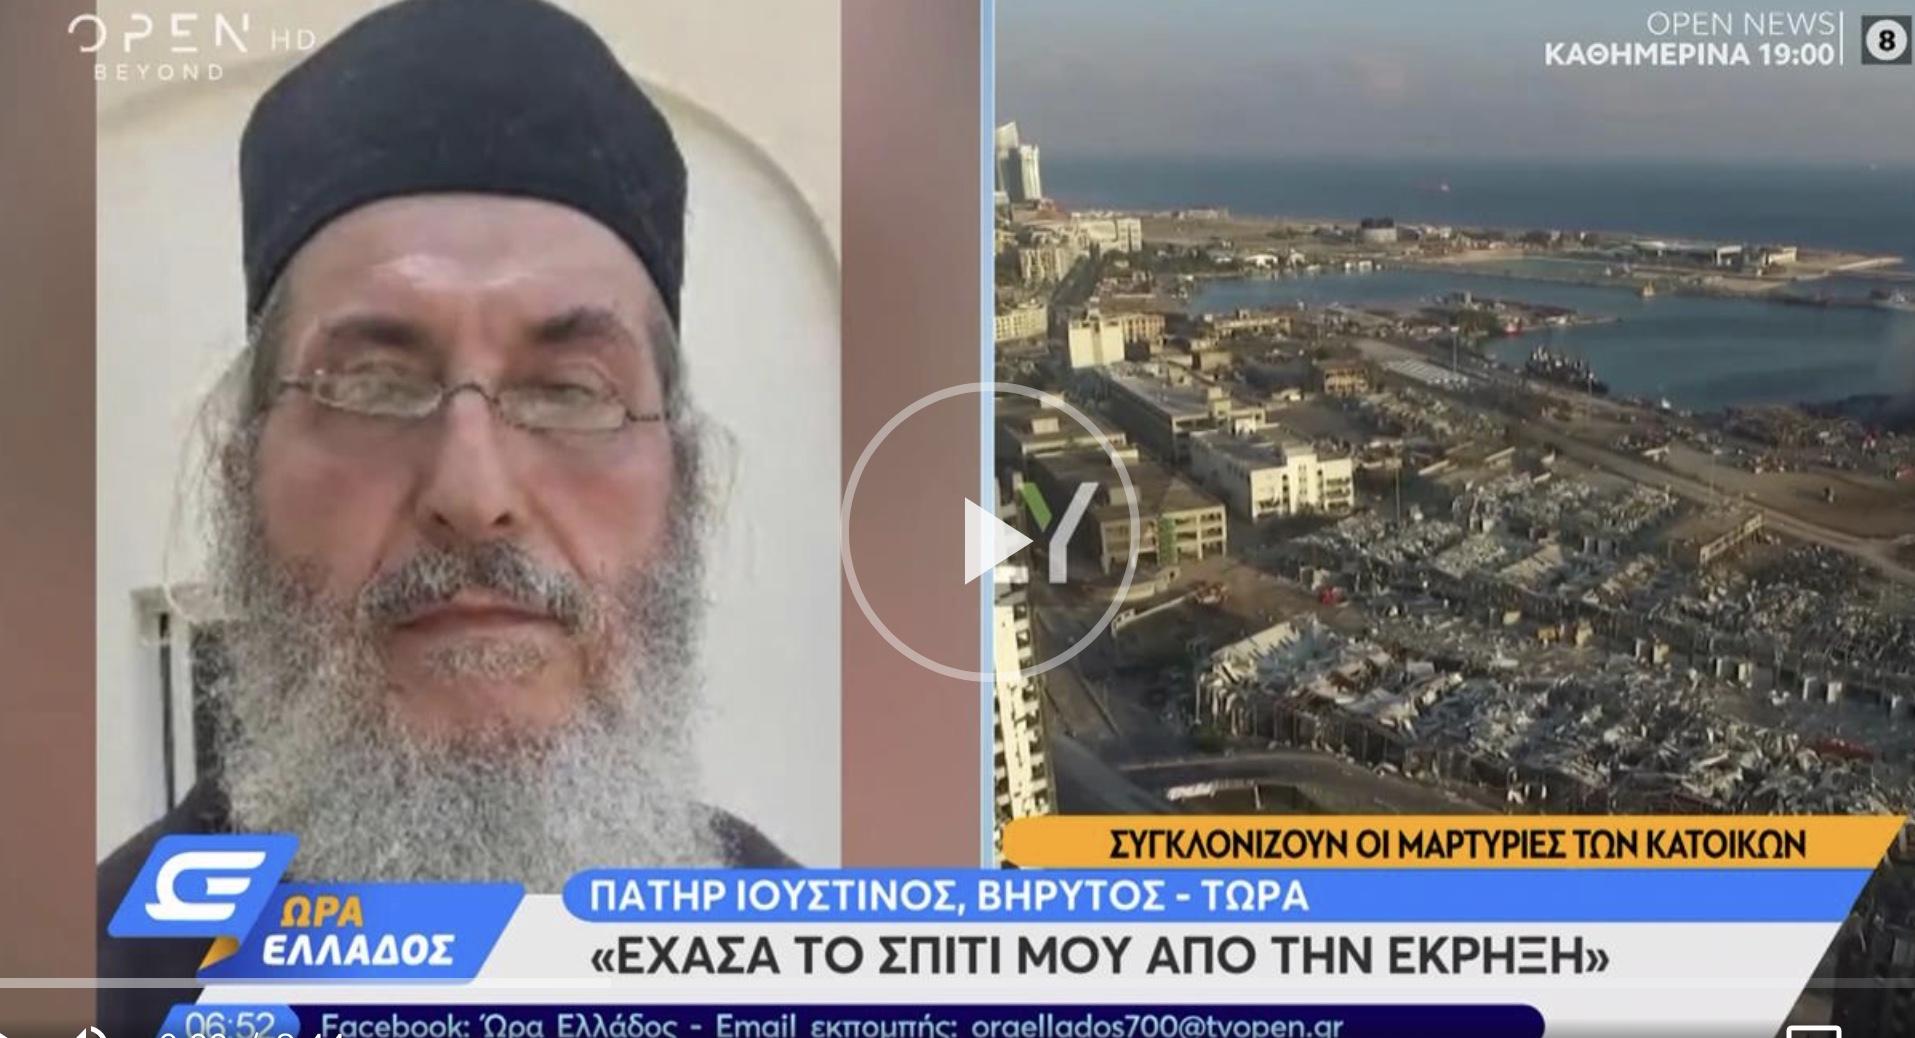 Βηρυτός. Δεν υπάρχει ναός για να γίνει η κηδεία της Ελληνίδας, ισοπεδώθηκαν όλα.